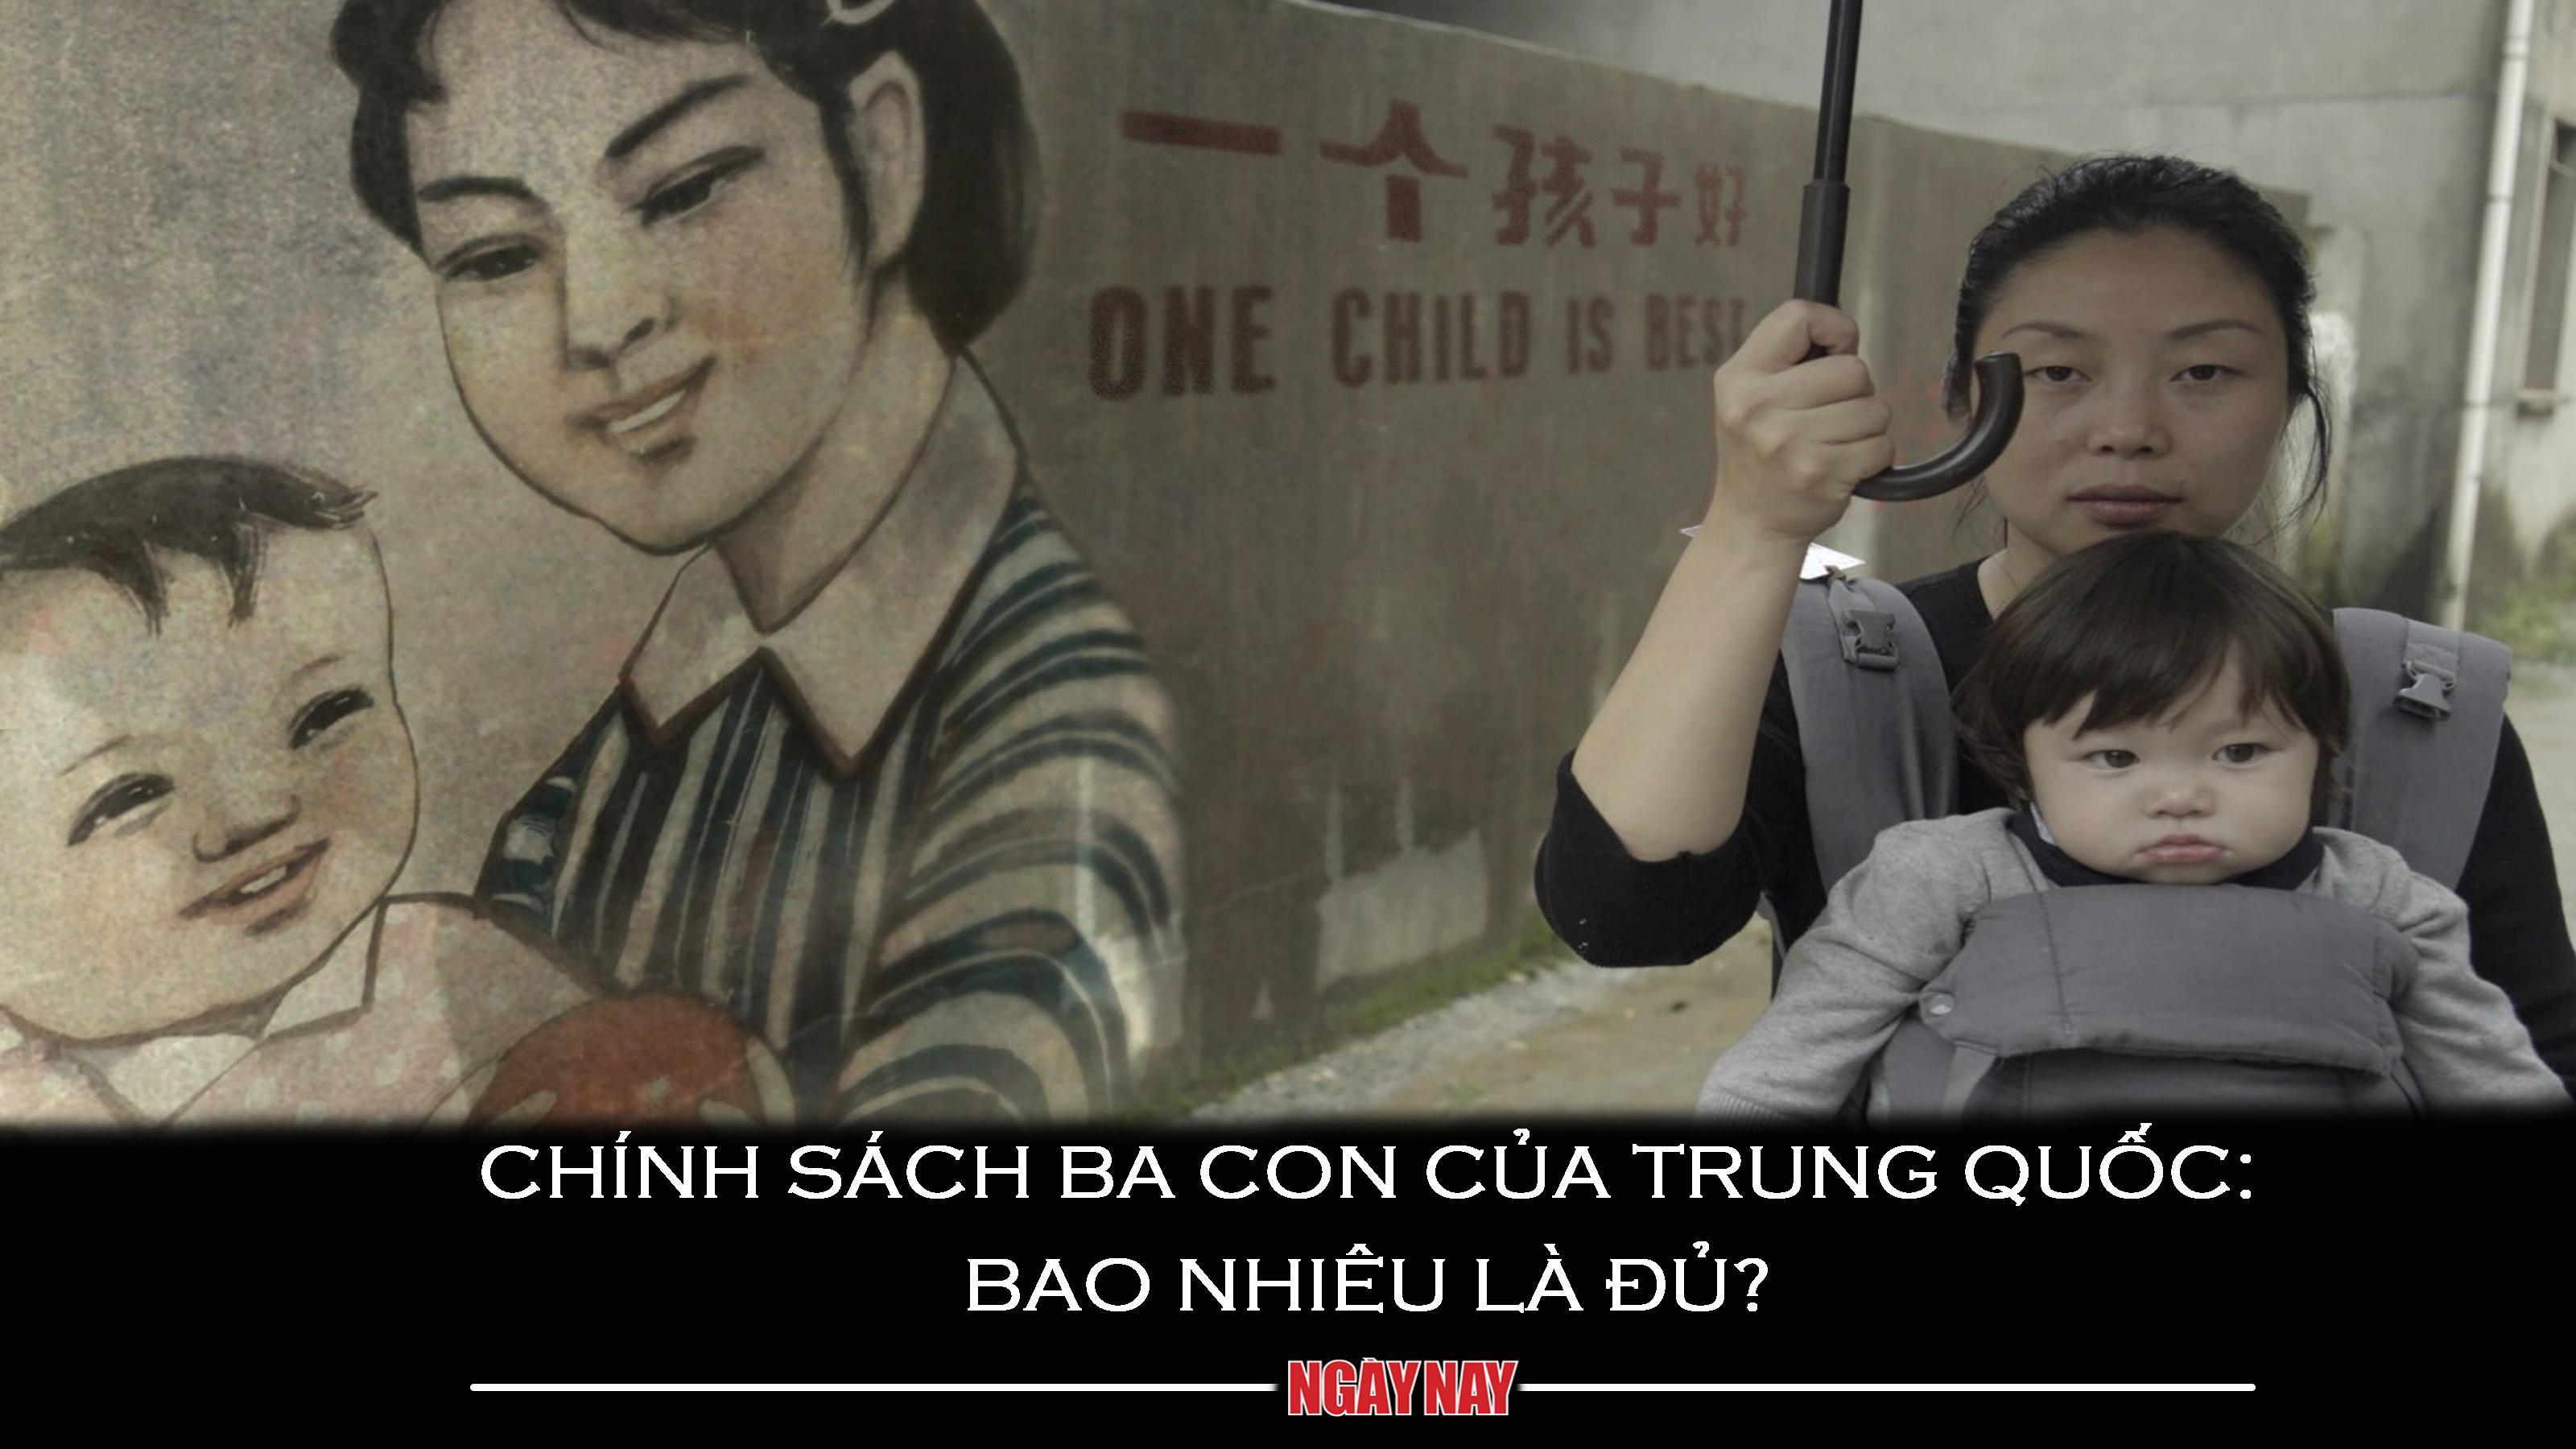 Chính sách ba con của Trung Quốc: Bao nhiêu là đủ?